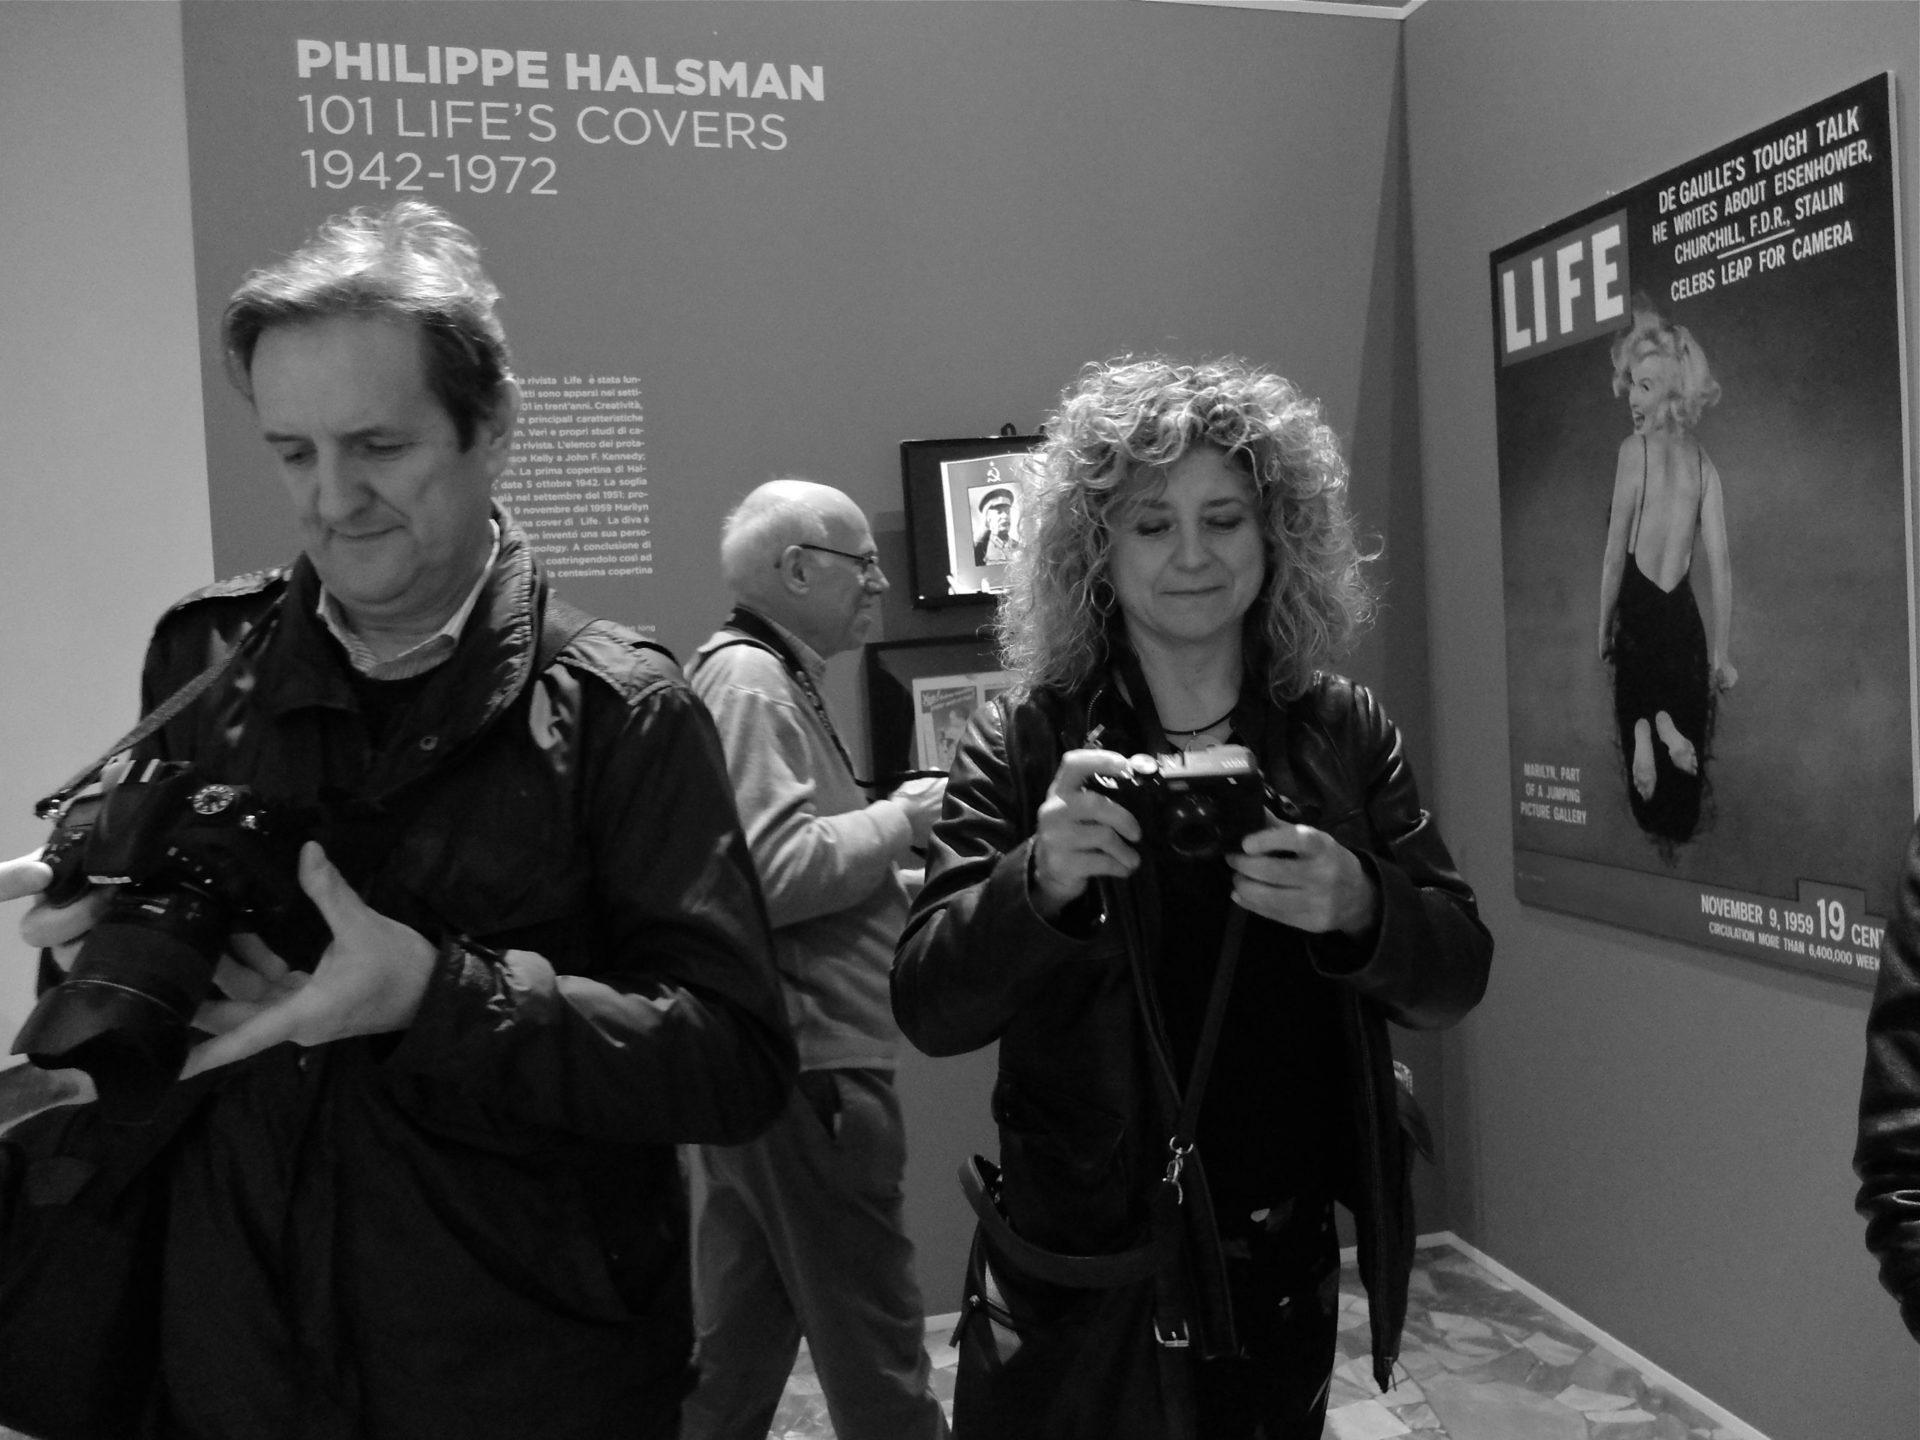 foto catalogo PHOTOFESTIVAL 2018 Visitors di Alberto Dubini mostra MAGNUM LIFE Cremona 6 maggio 2017 DSCF6999 scaled - Milano Photofestival